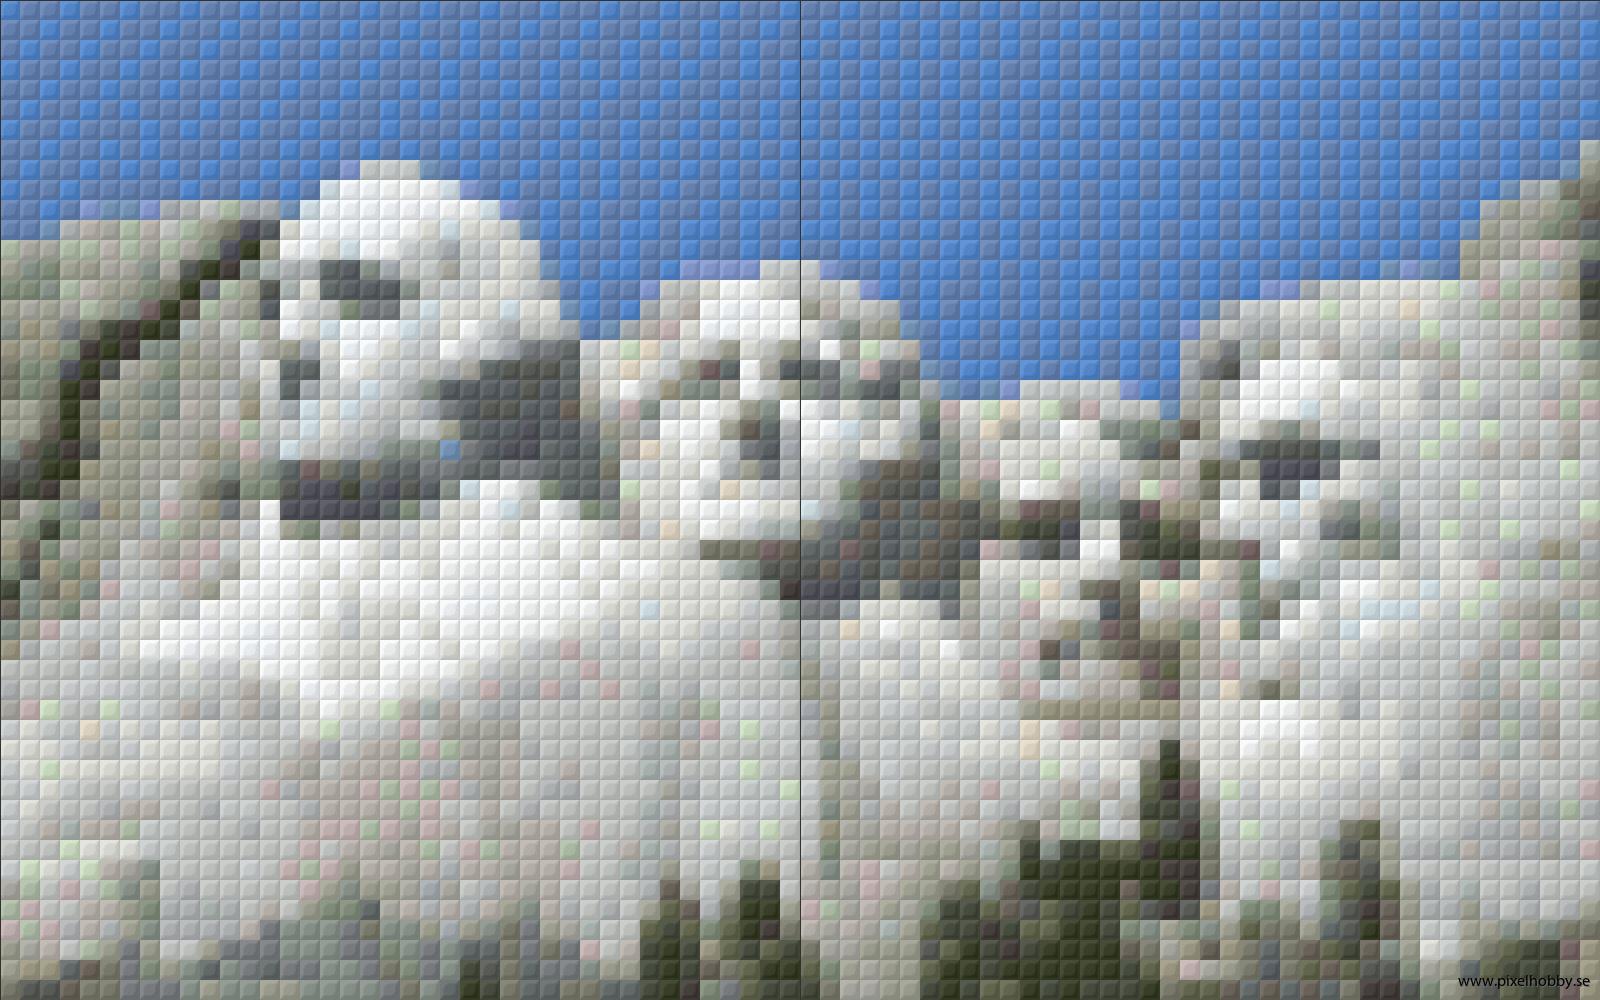 Mount Rushmore 2rbp